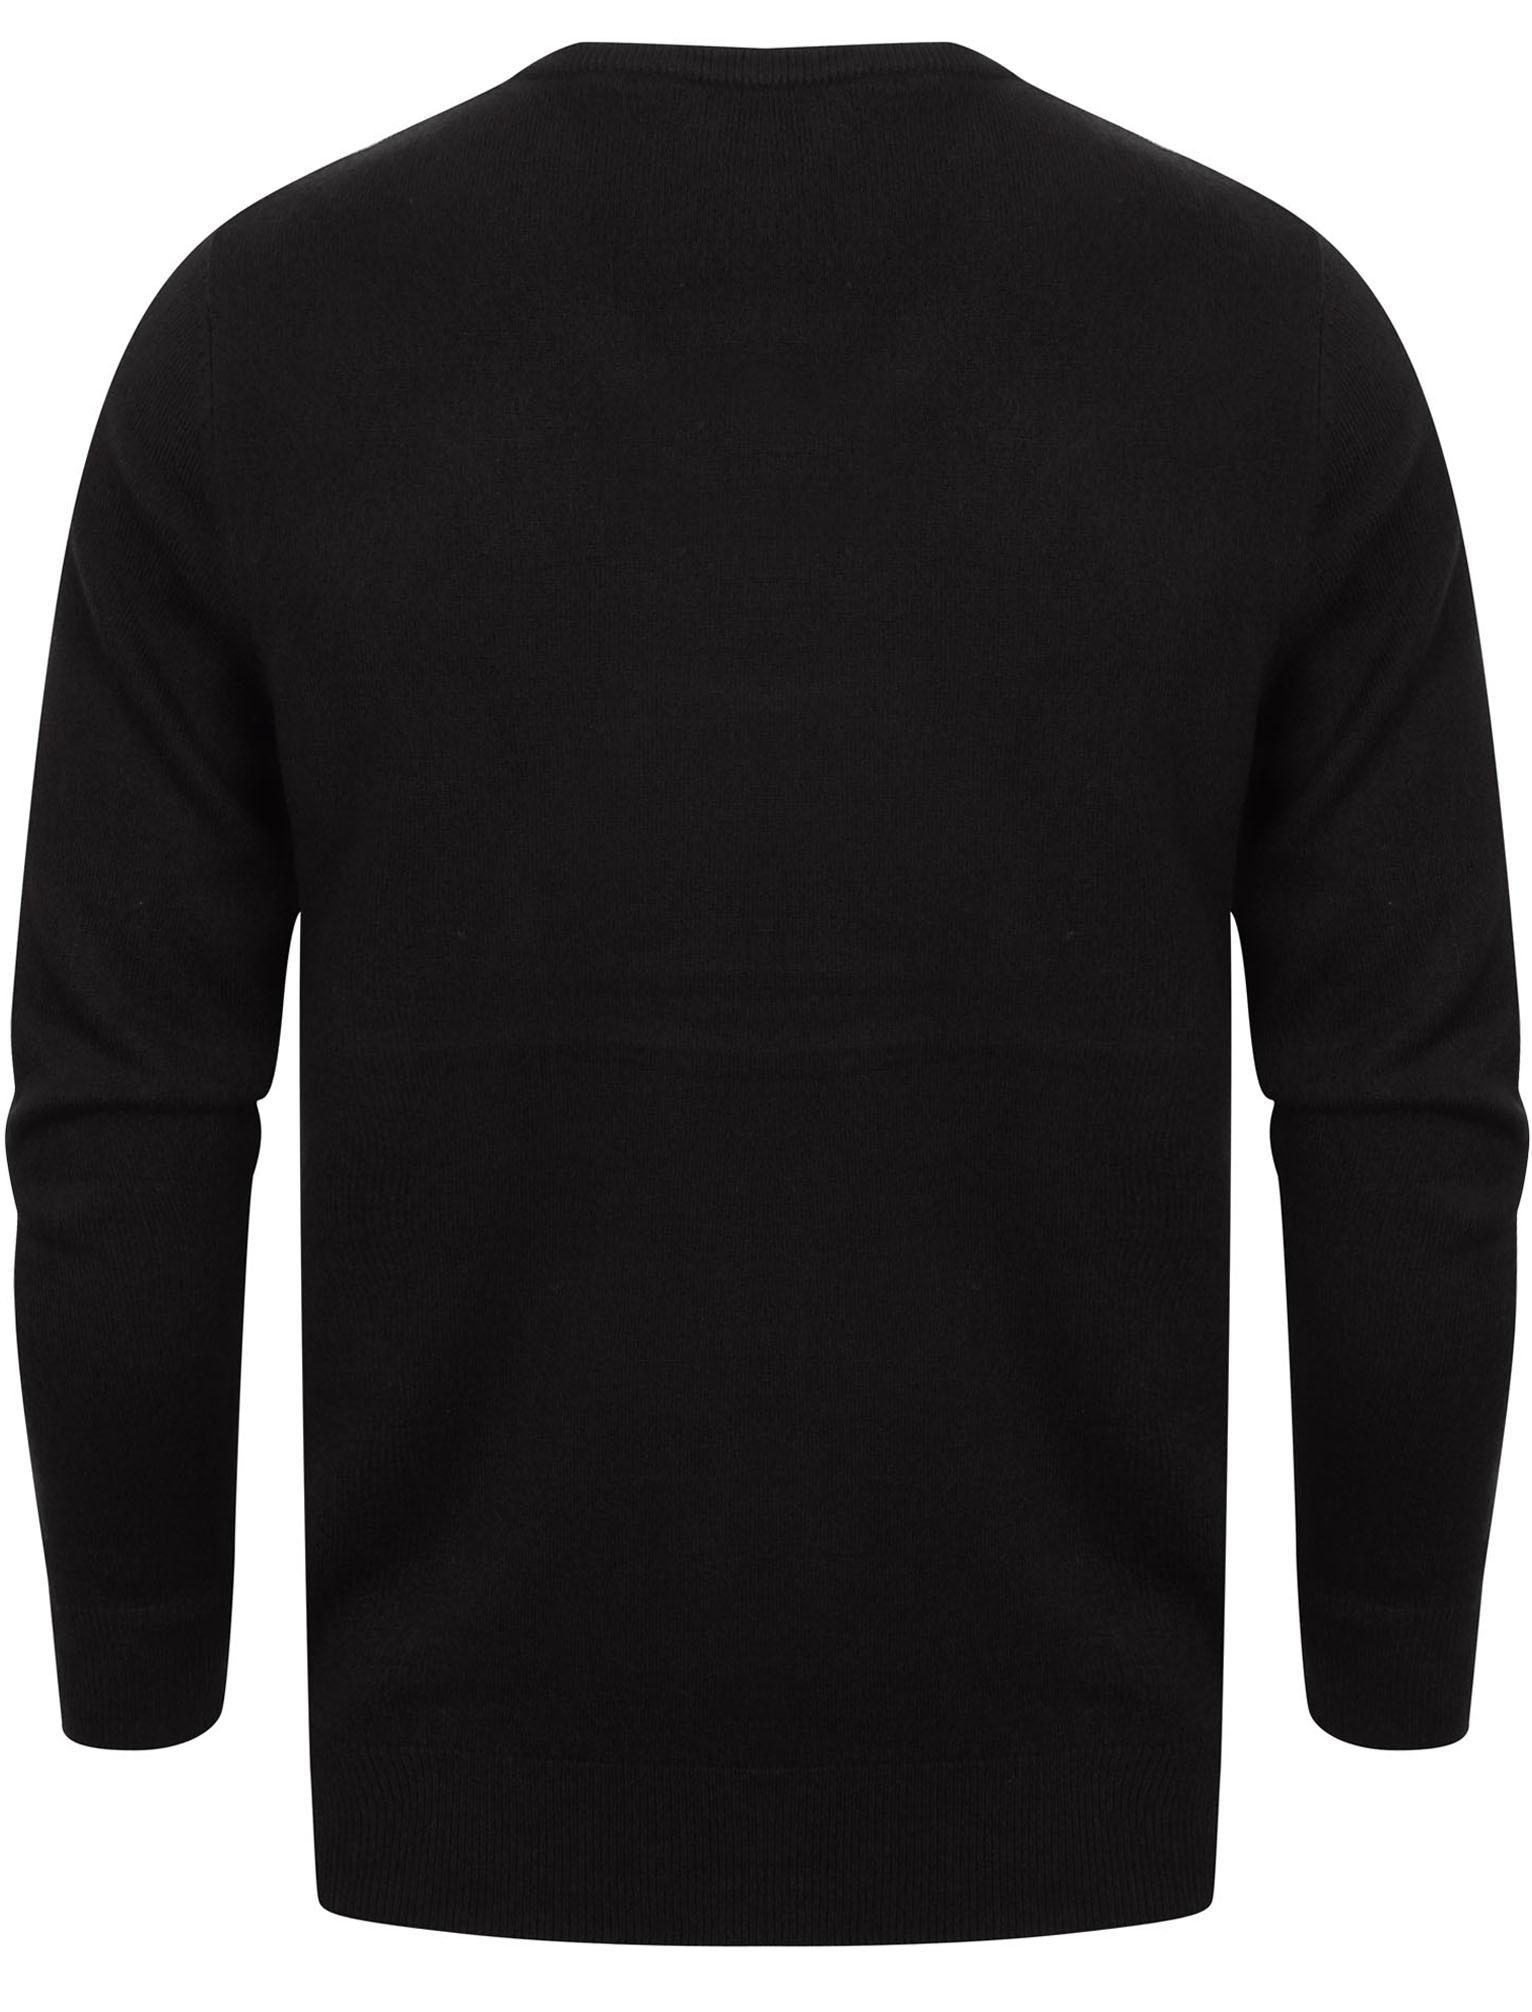 Kensington-Eastside-Men-039-s-Knitted-Crew-or-V-Neck-Jumper-Sweater-Top-Pullover thumbnail 96